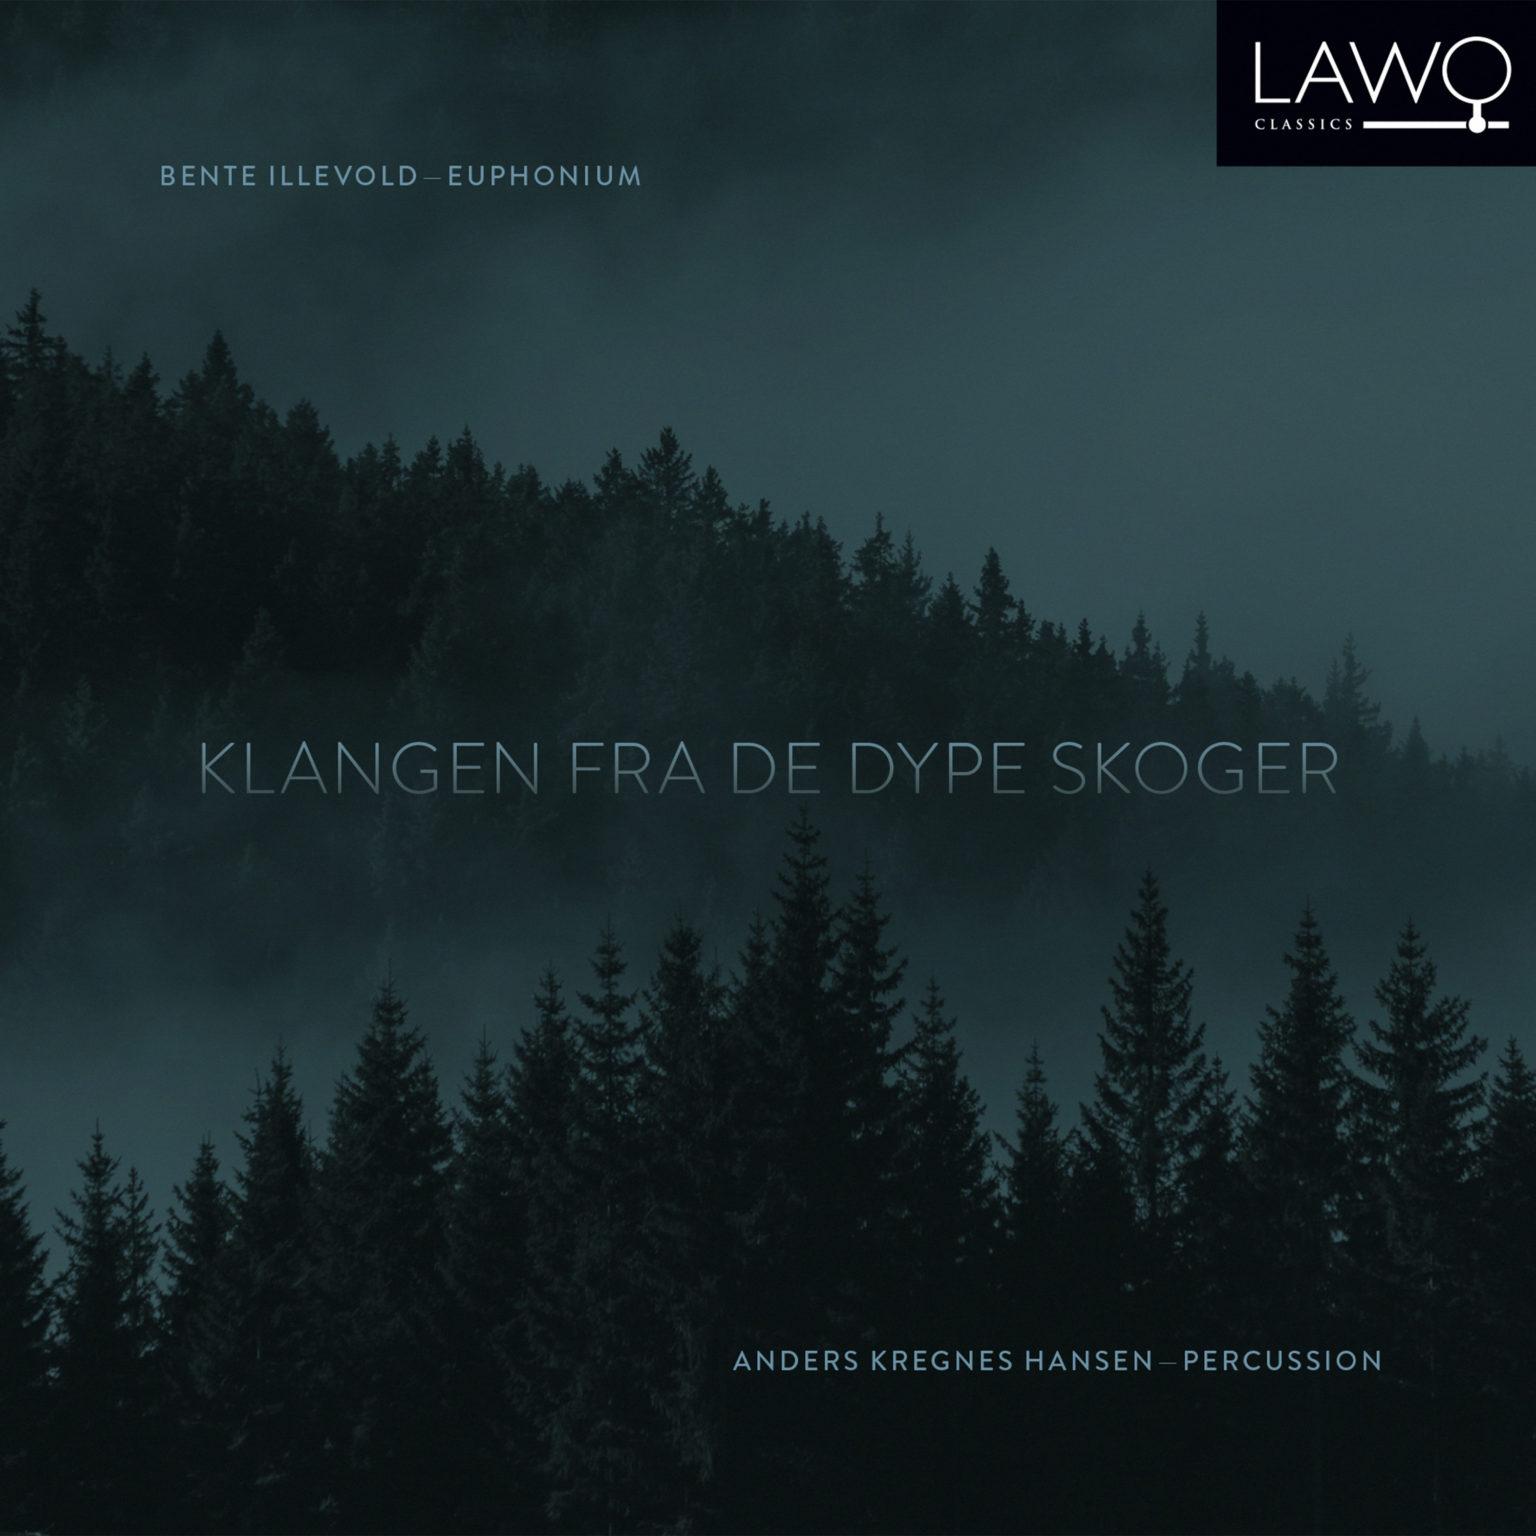 Click image for larger version.  Name:LWC1195_Bente_Illevold_Klangen_fra_de_dype_skoger_cover_3000x3000px-1536x1536.jpg Views:932 Size:174.8 KB ID:7720